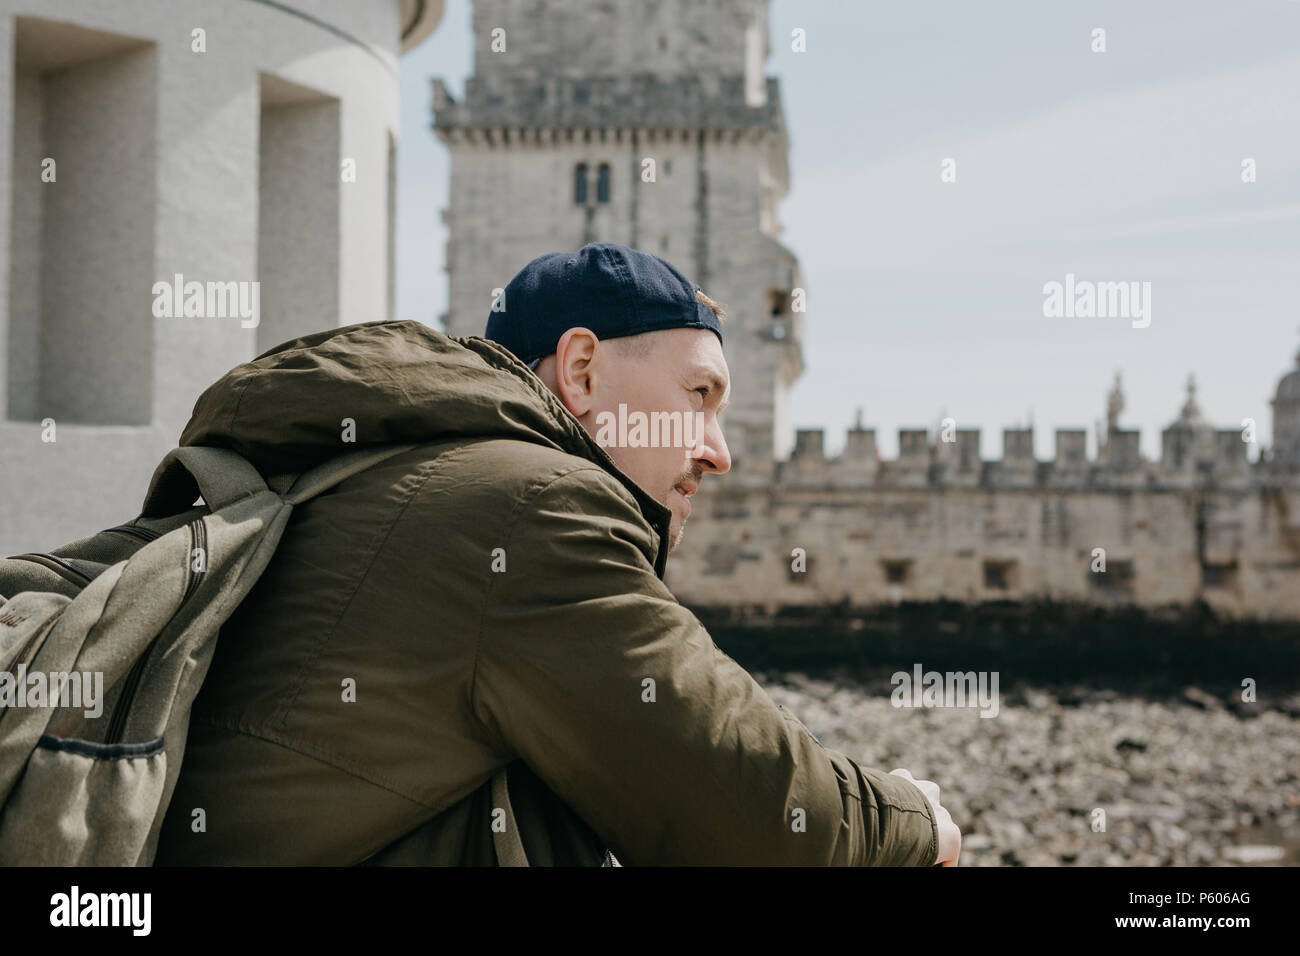 Portrait d'un jeune homme voyageur guy touristiques ou avec un sac à dos qui s'assied et regarde dans la distance à Lisbonne au Portugal. La Tour de Belém dans l'arrière-plan Photo Stock